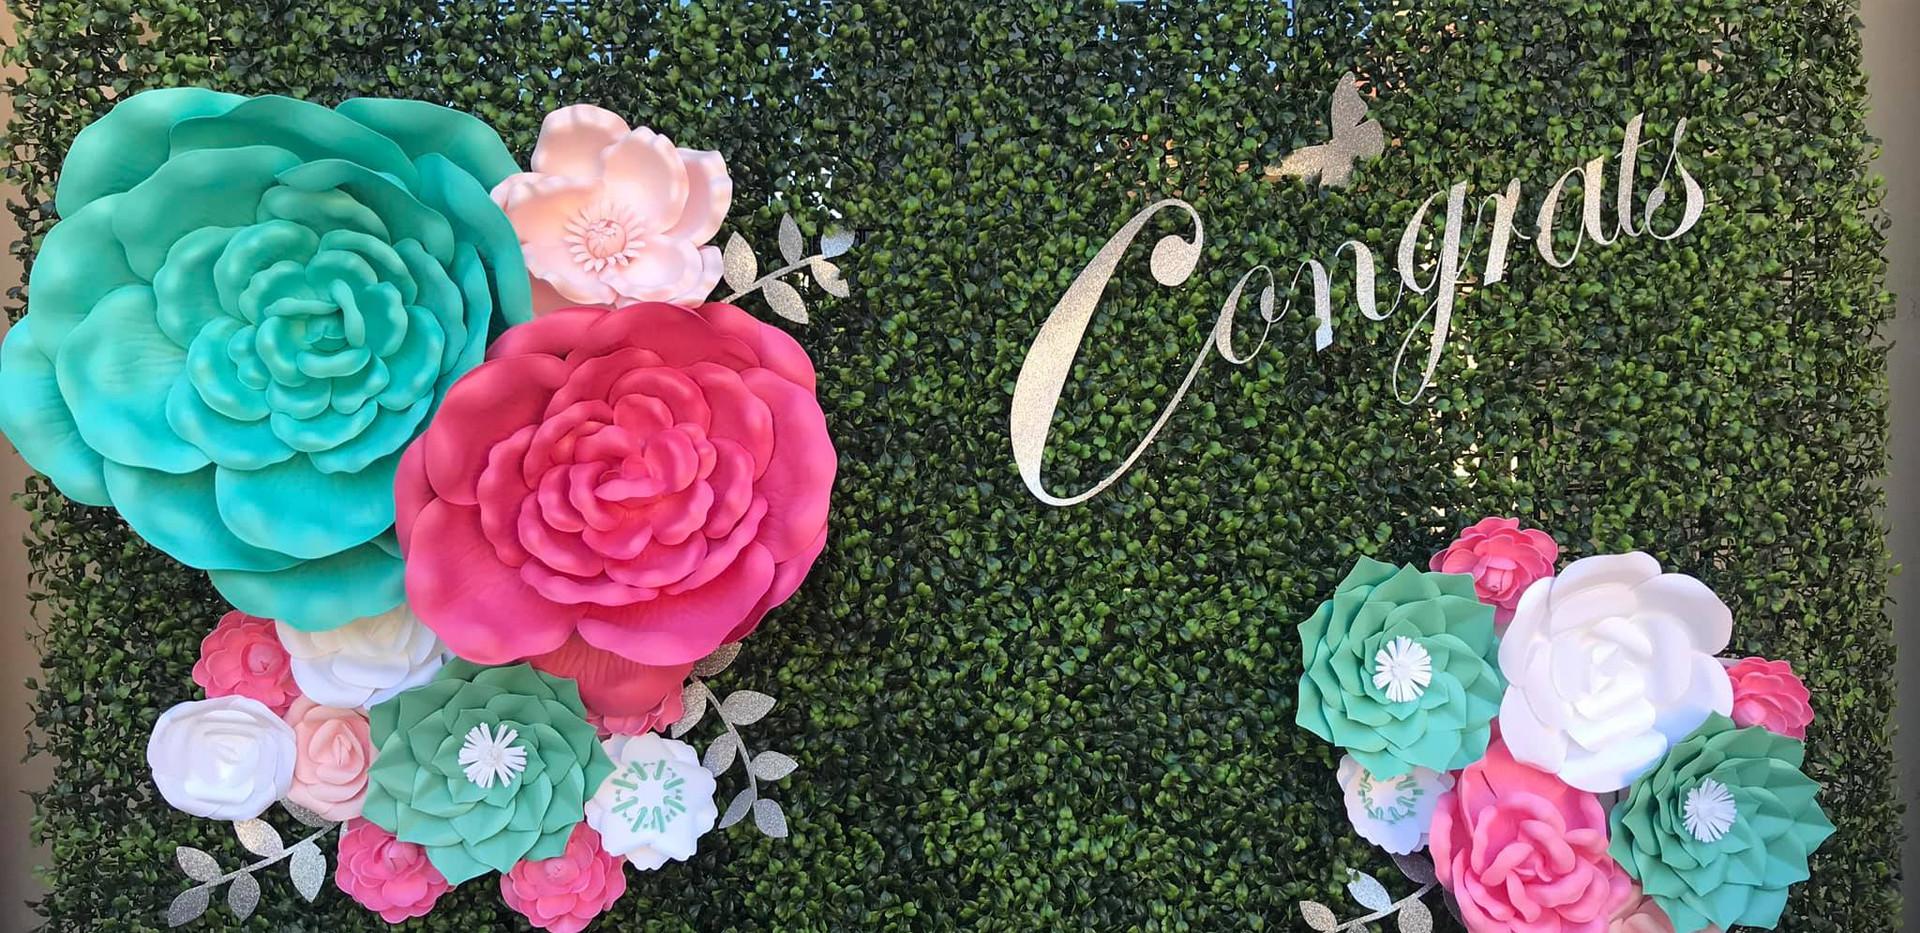 Garden Themed Backdrop